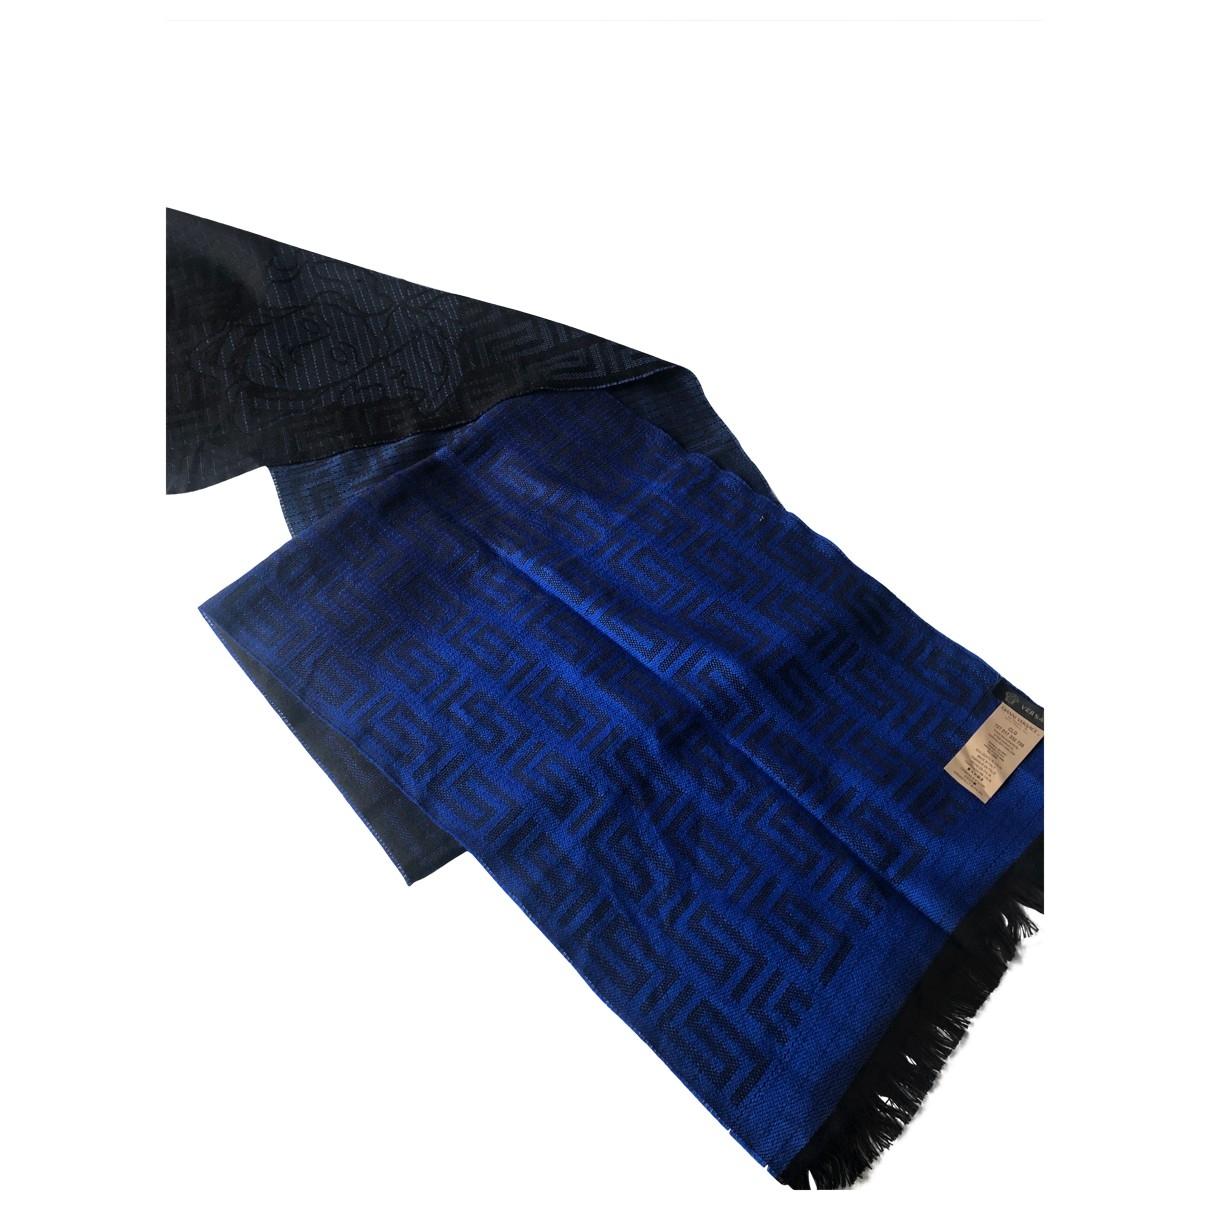 Versace \N Tuecher, Schal in  Blau Wolle